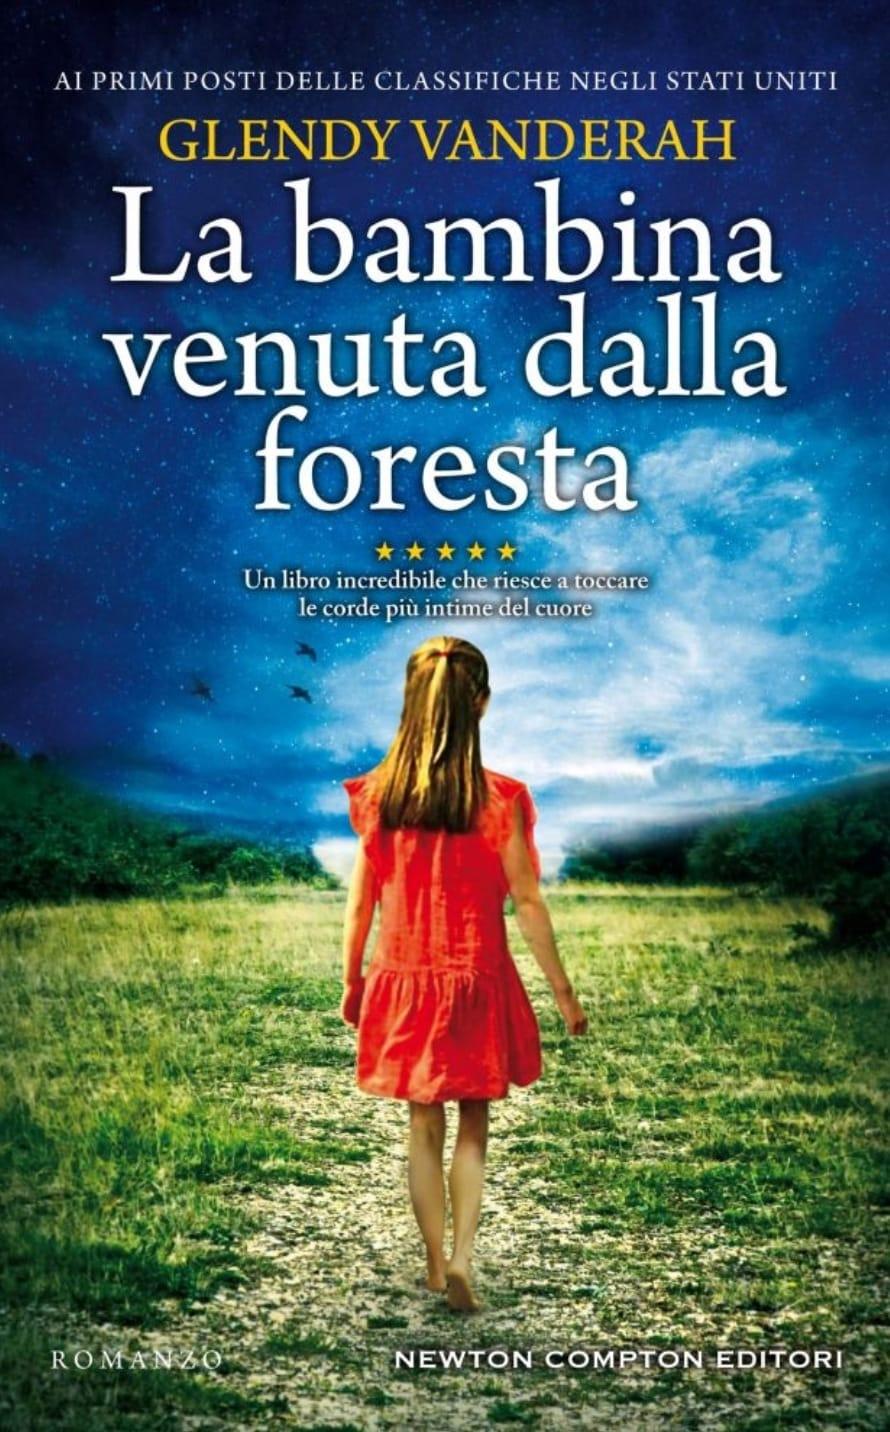 La bambina venuta dalla foresta - cover